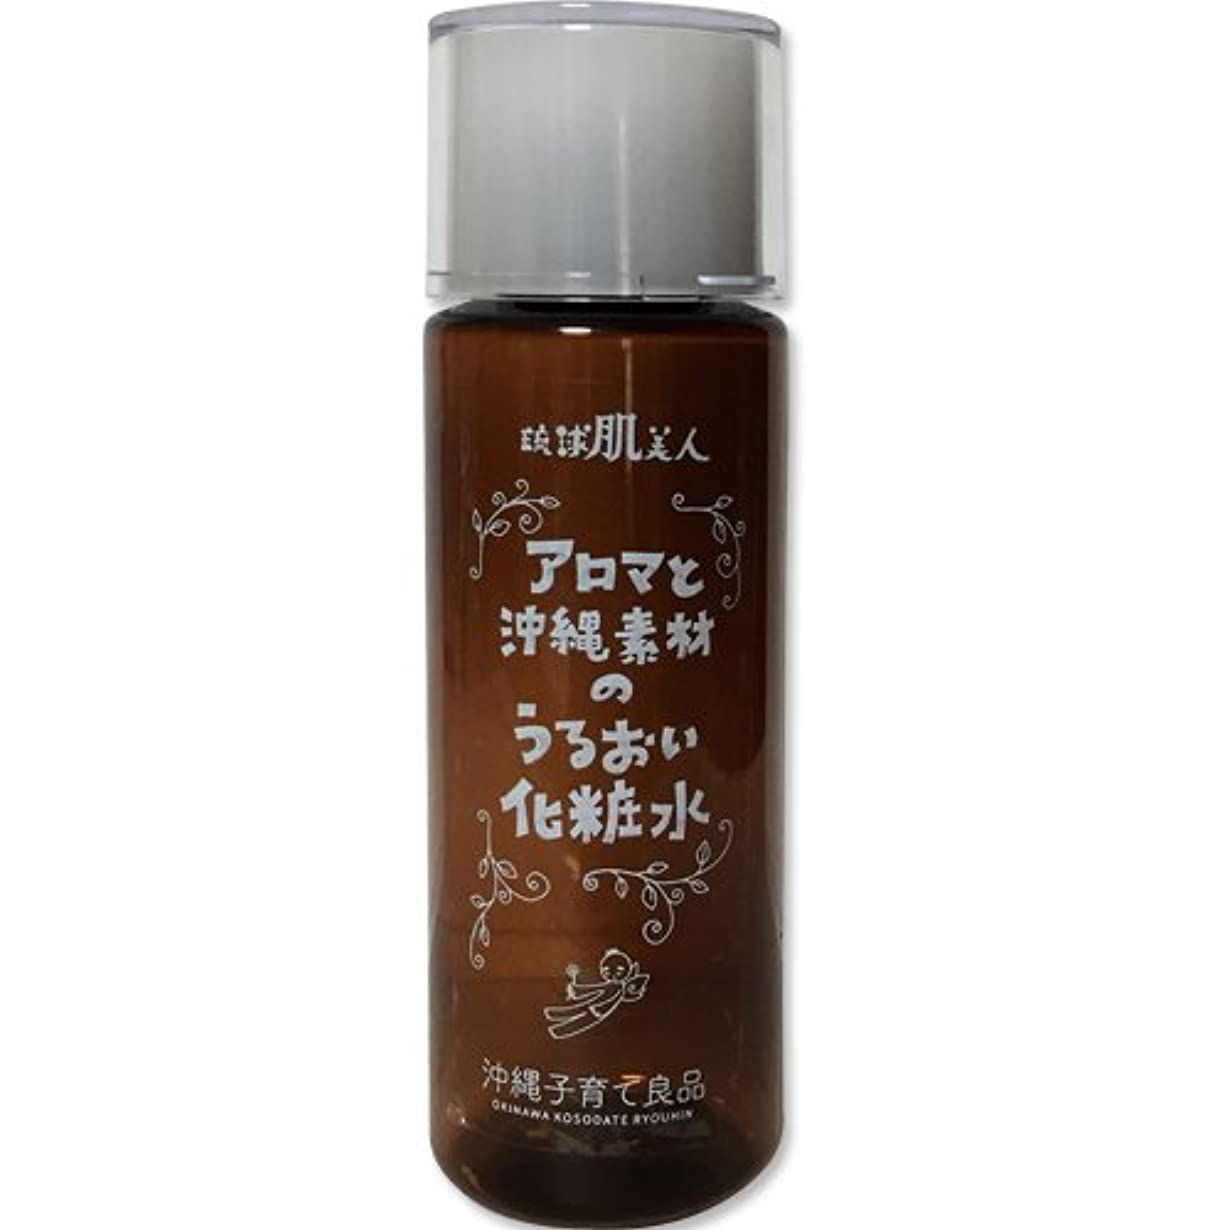 才能のあるベリー慣習保湿 化粧水 無添加 アルコールフリー アロマと沖縄素材のうるおい化粧水 120ml